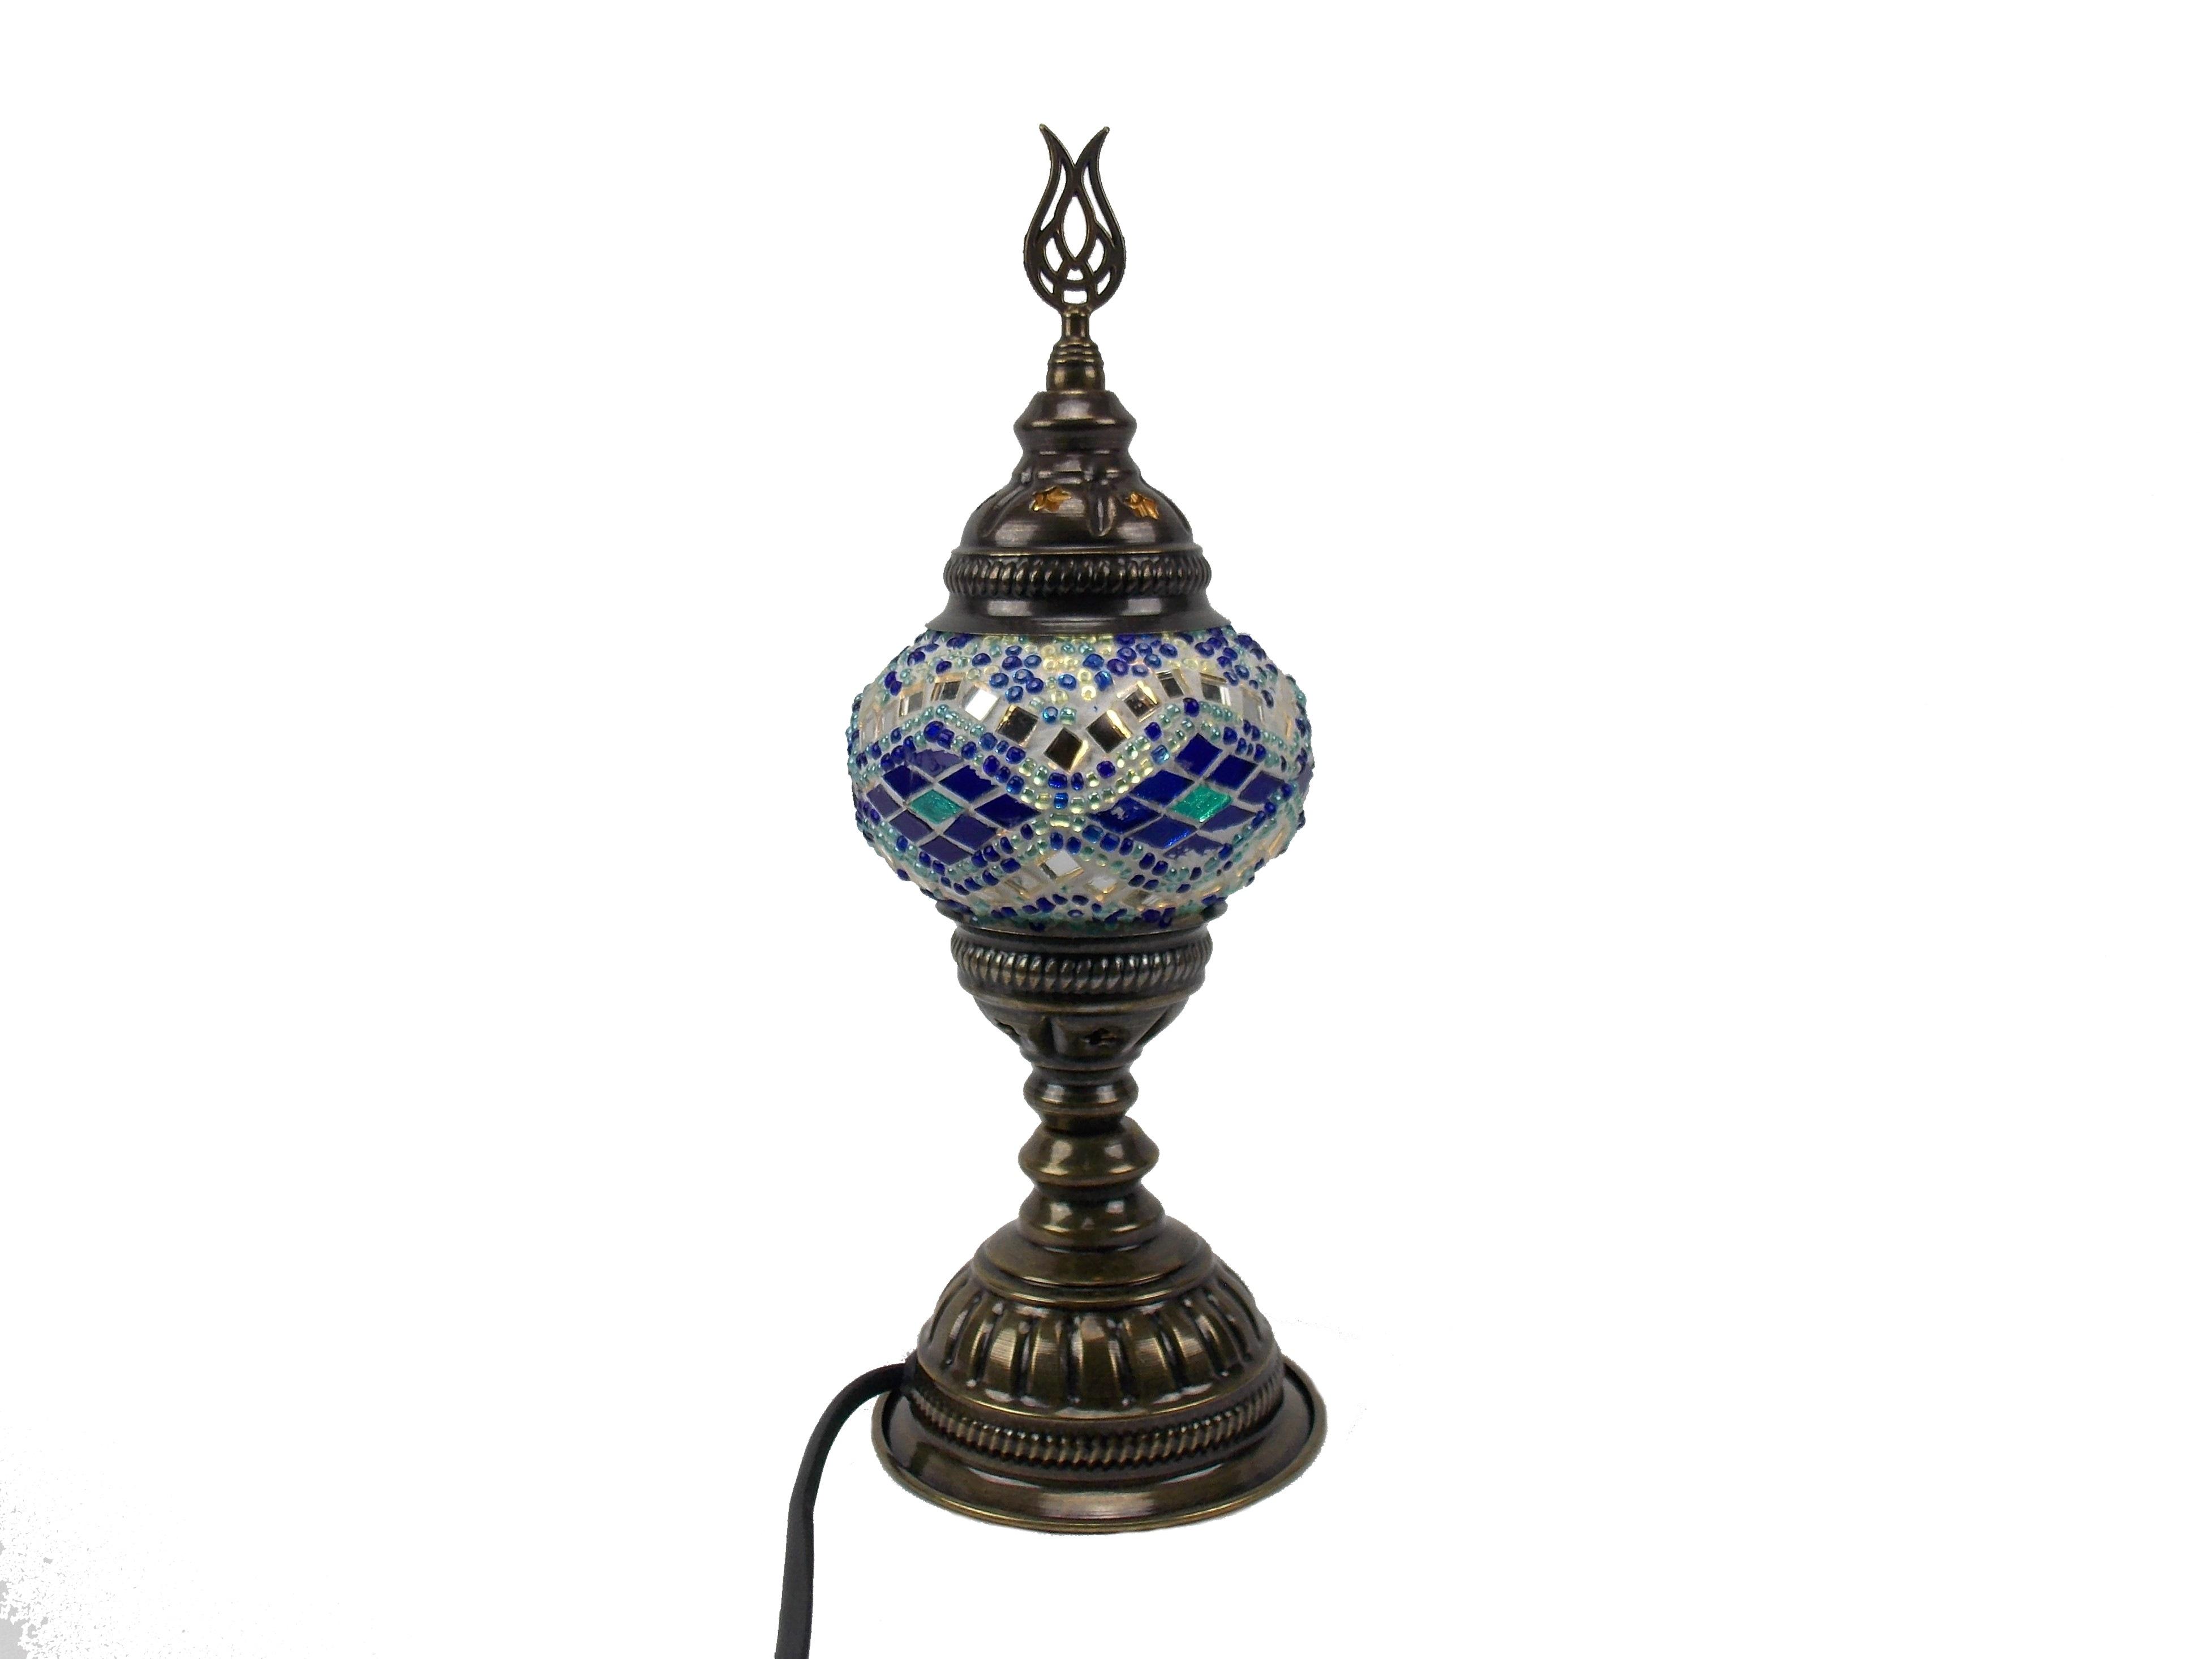 Veioza turceasca cu glob de sticla mozaic, cu picior de metal ,h 30cm,